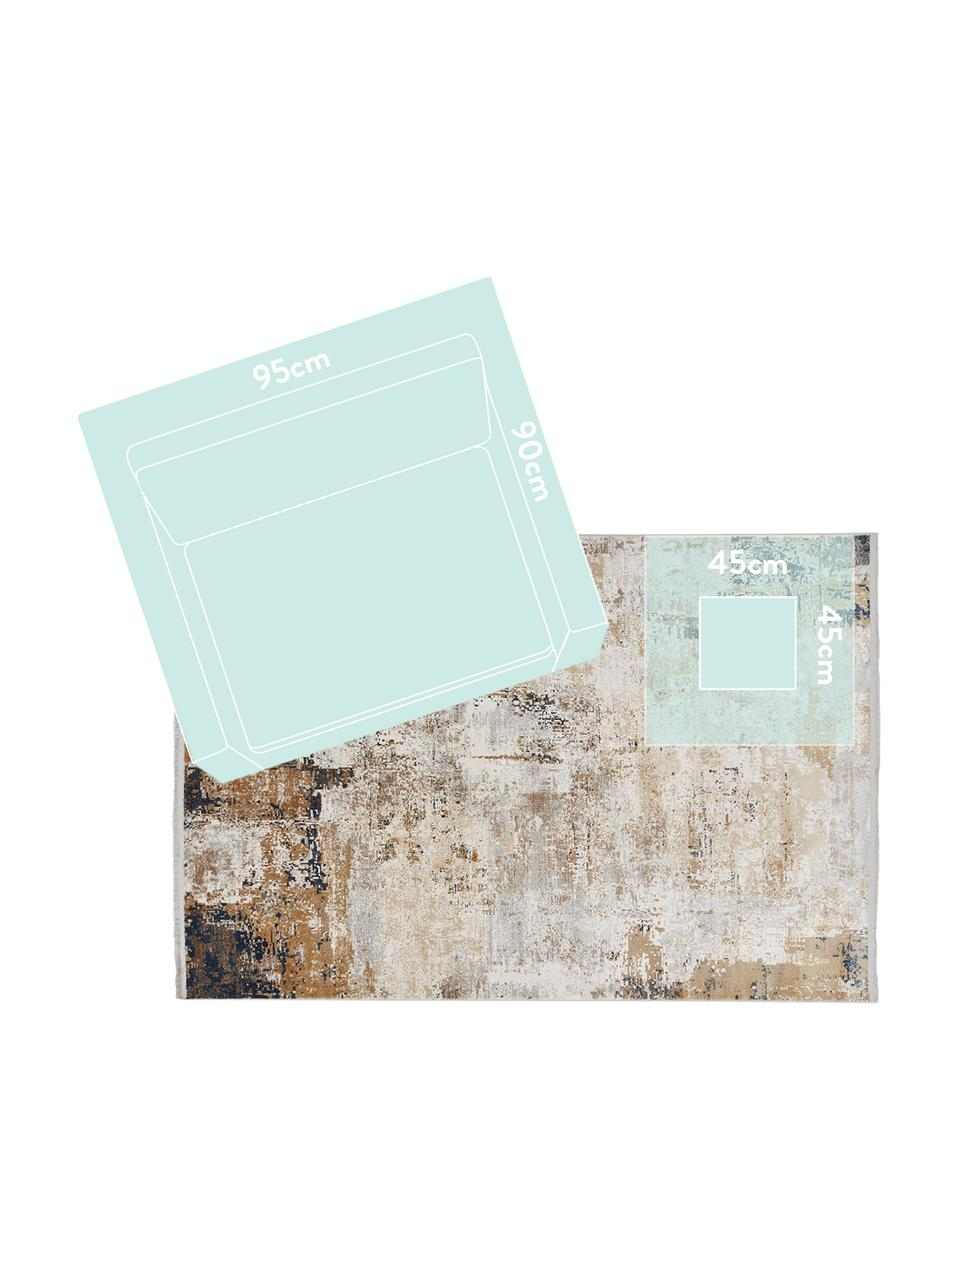 Vloerkleed Verona met abstract patroon, Bovenzijde: 50% viscose, 50% acryl, Onderzijde: polyester, Crèmekleurig, beige, grijs, bruin, donkerblauw, B 160 x L 230 cm (maat M)